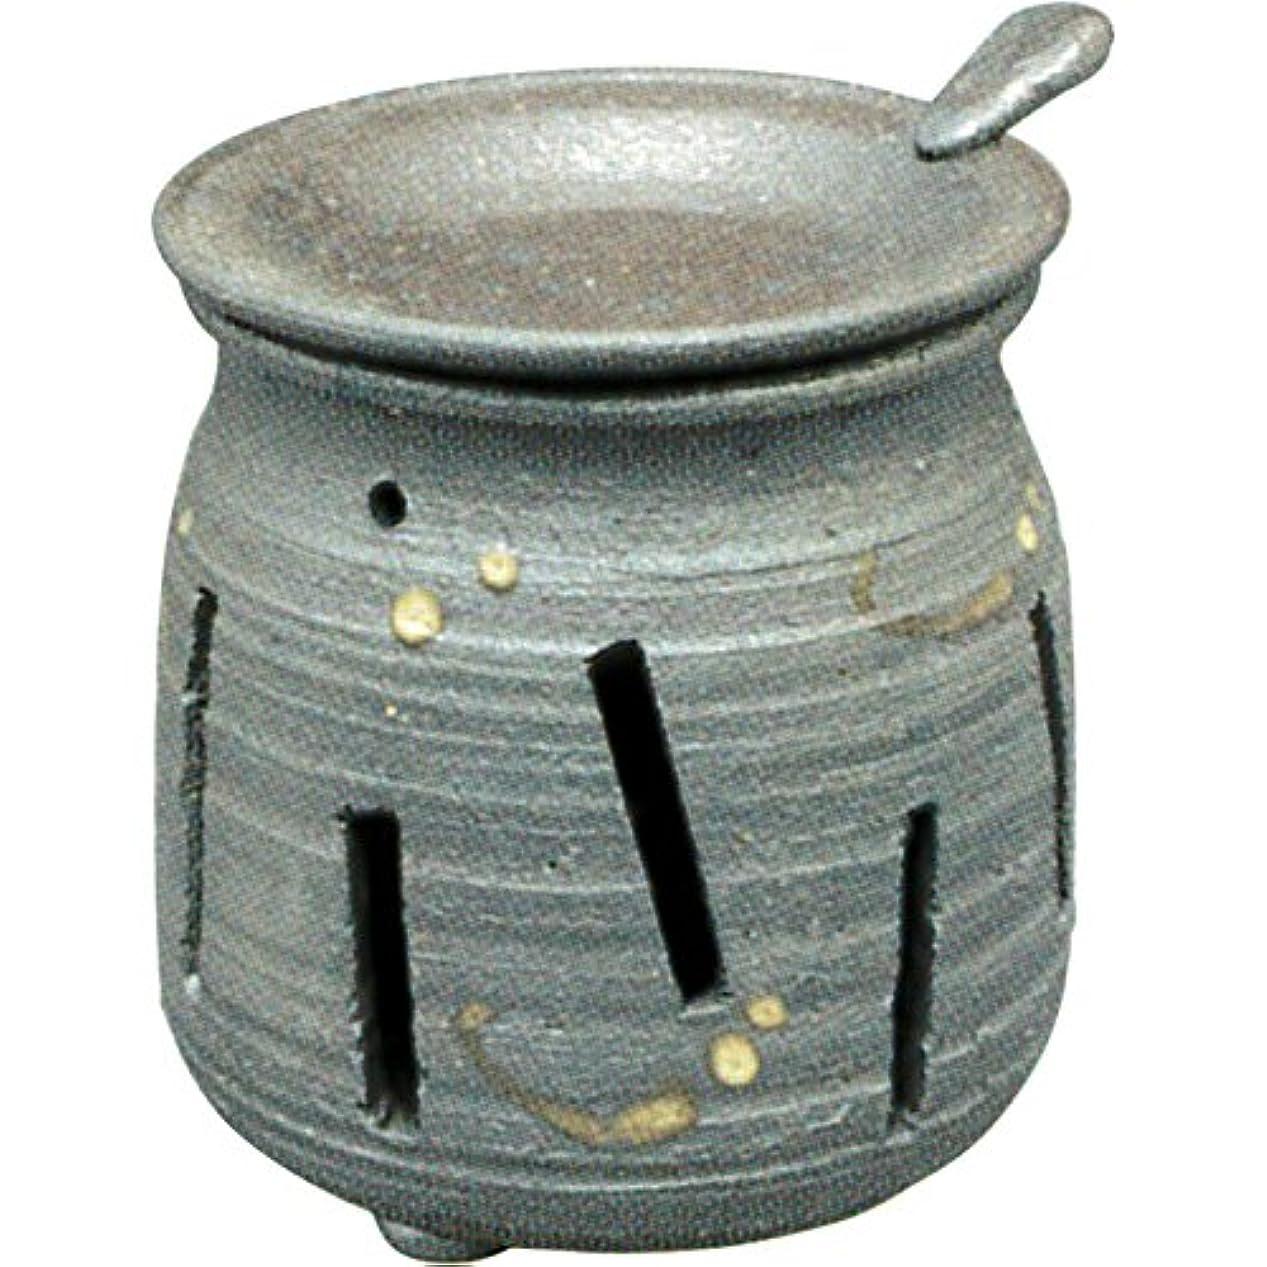 スラッシュ震え伝える常滑焼 : 焜清 茶香炉 ル36-05